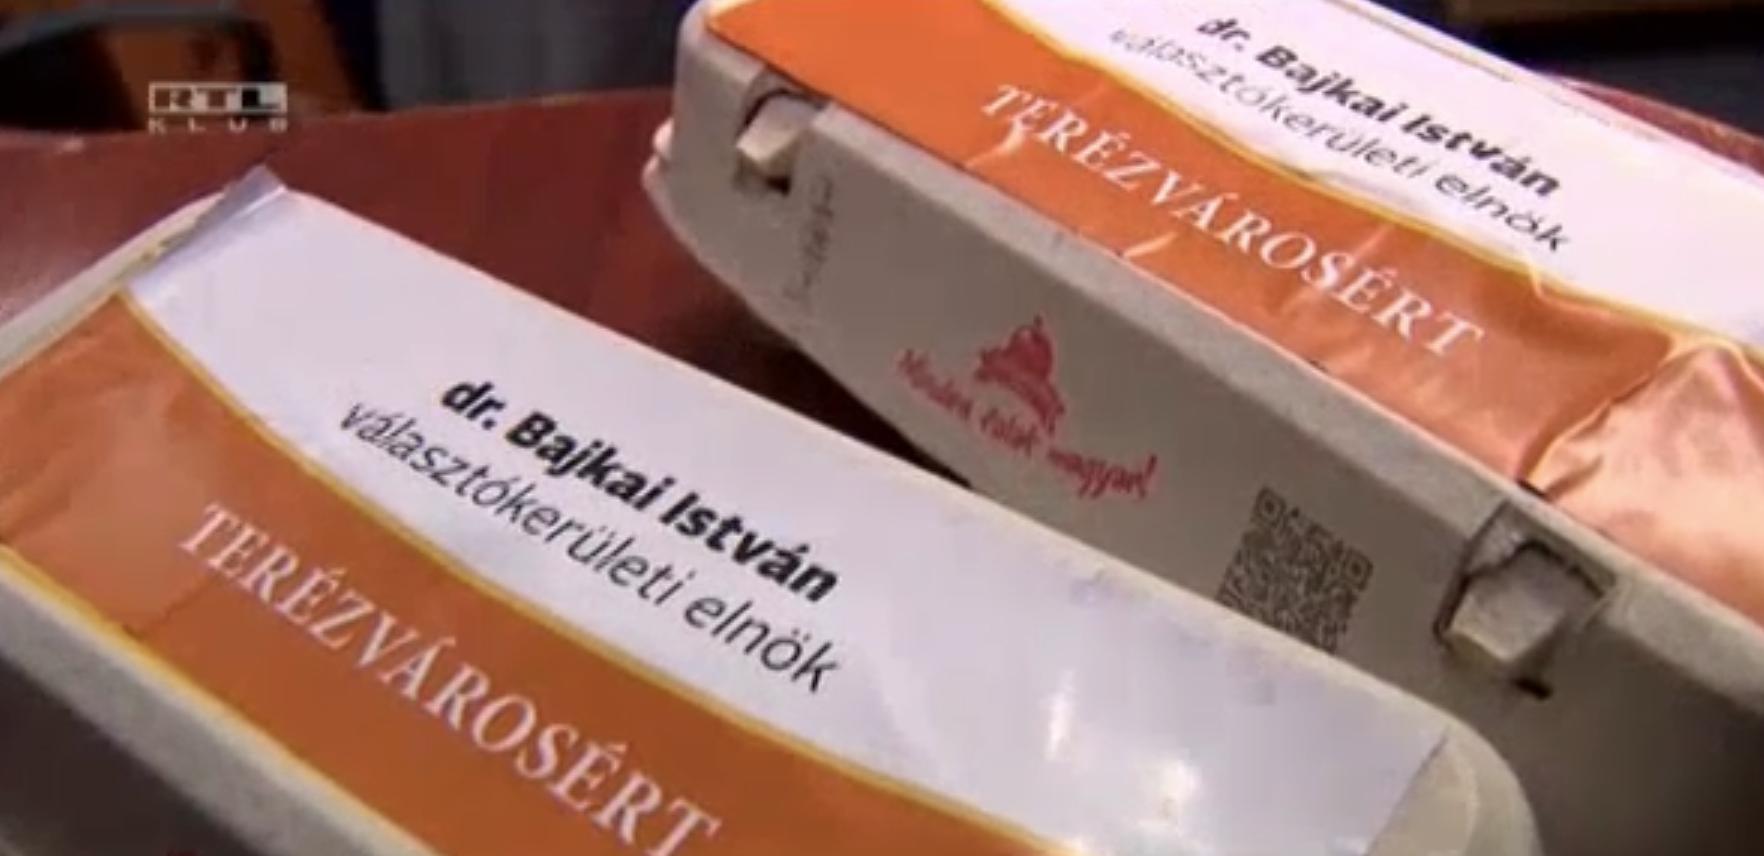 Fideszes jelölt nevével cimkézett tojásokat oszt a rászorulóknak a terézvárosi önkormányzat